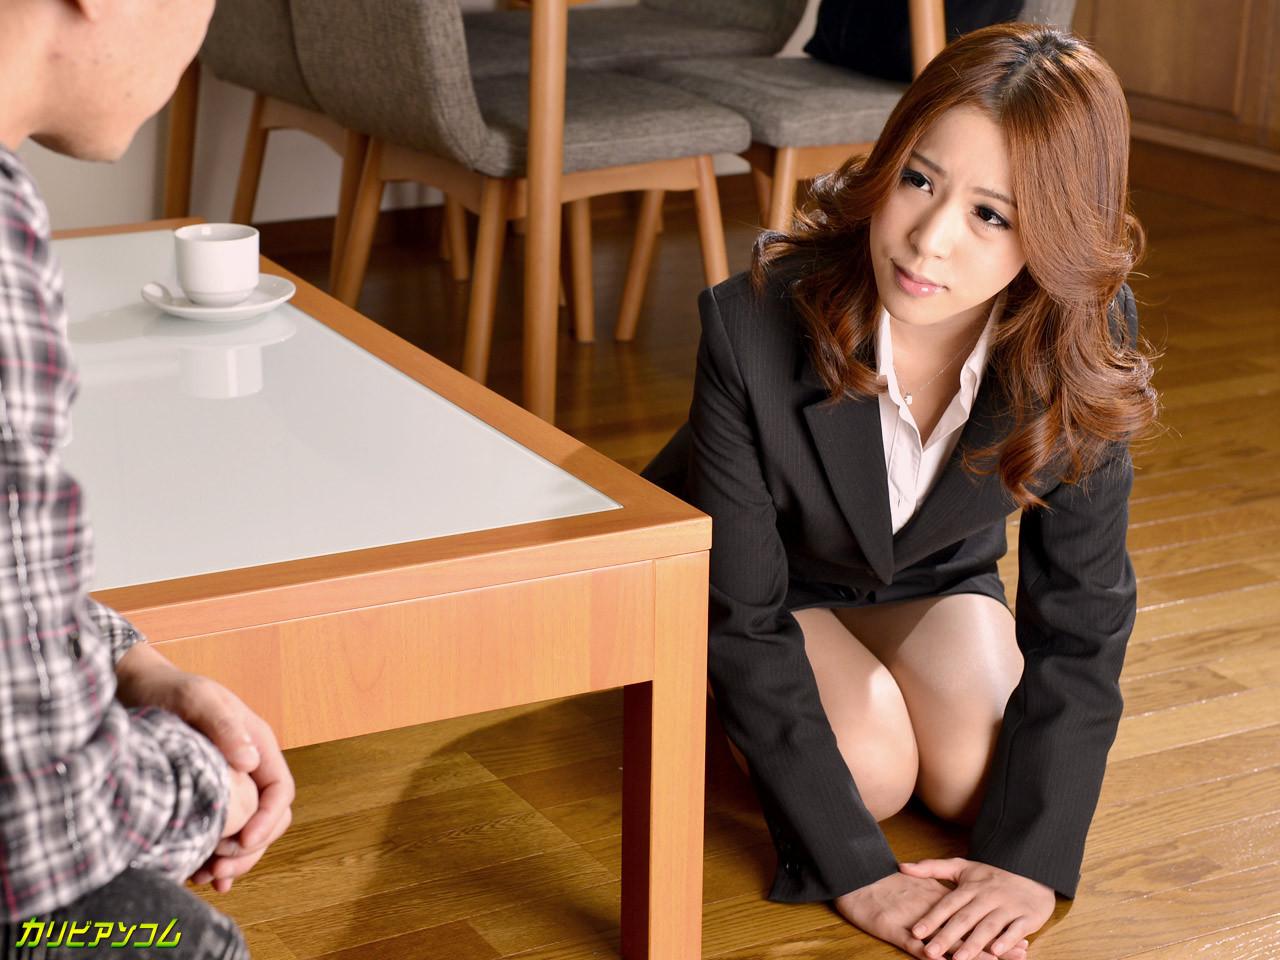 Парень дрючит японскую студентку на кухонном столе